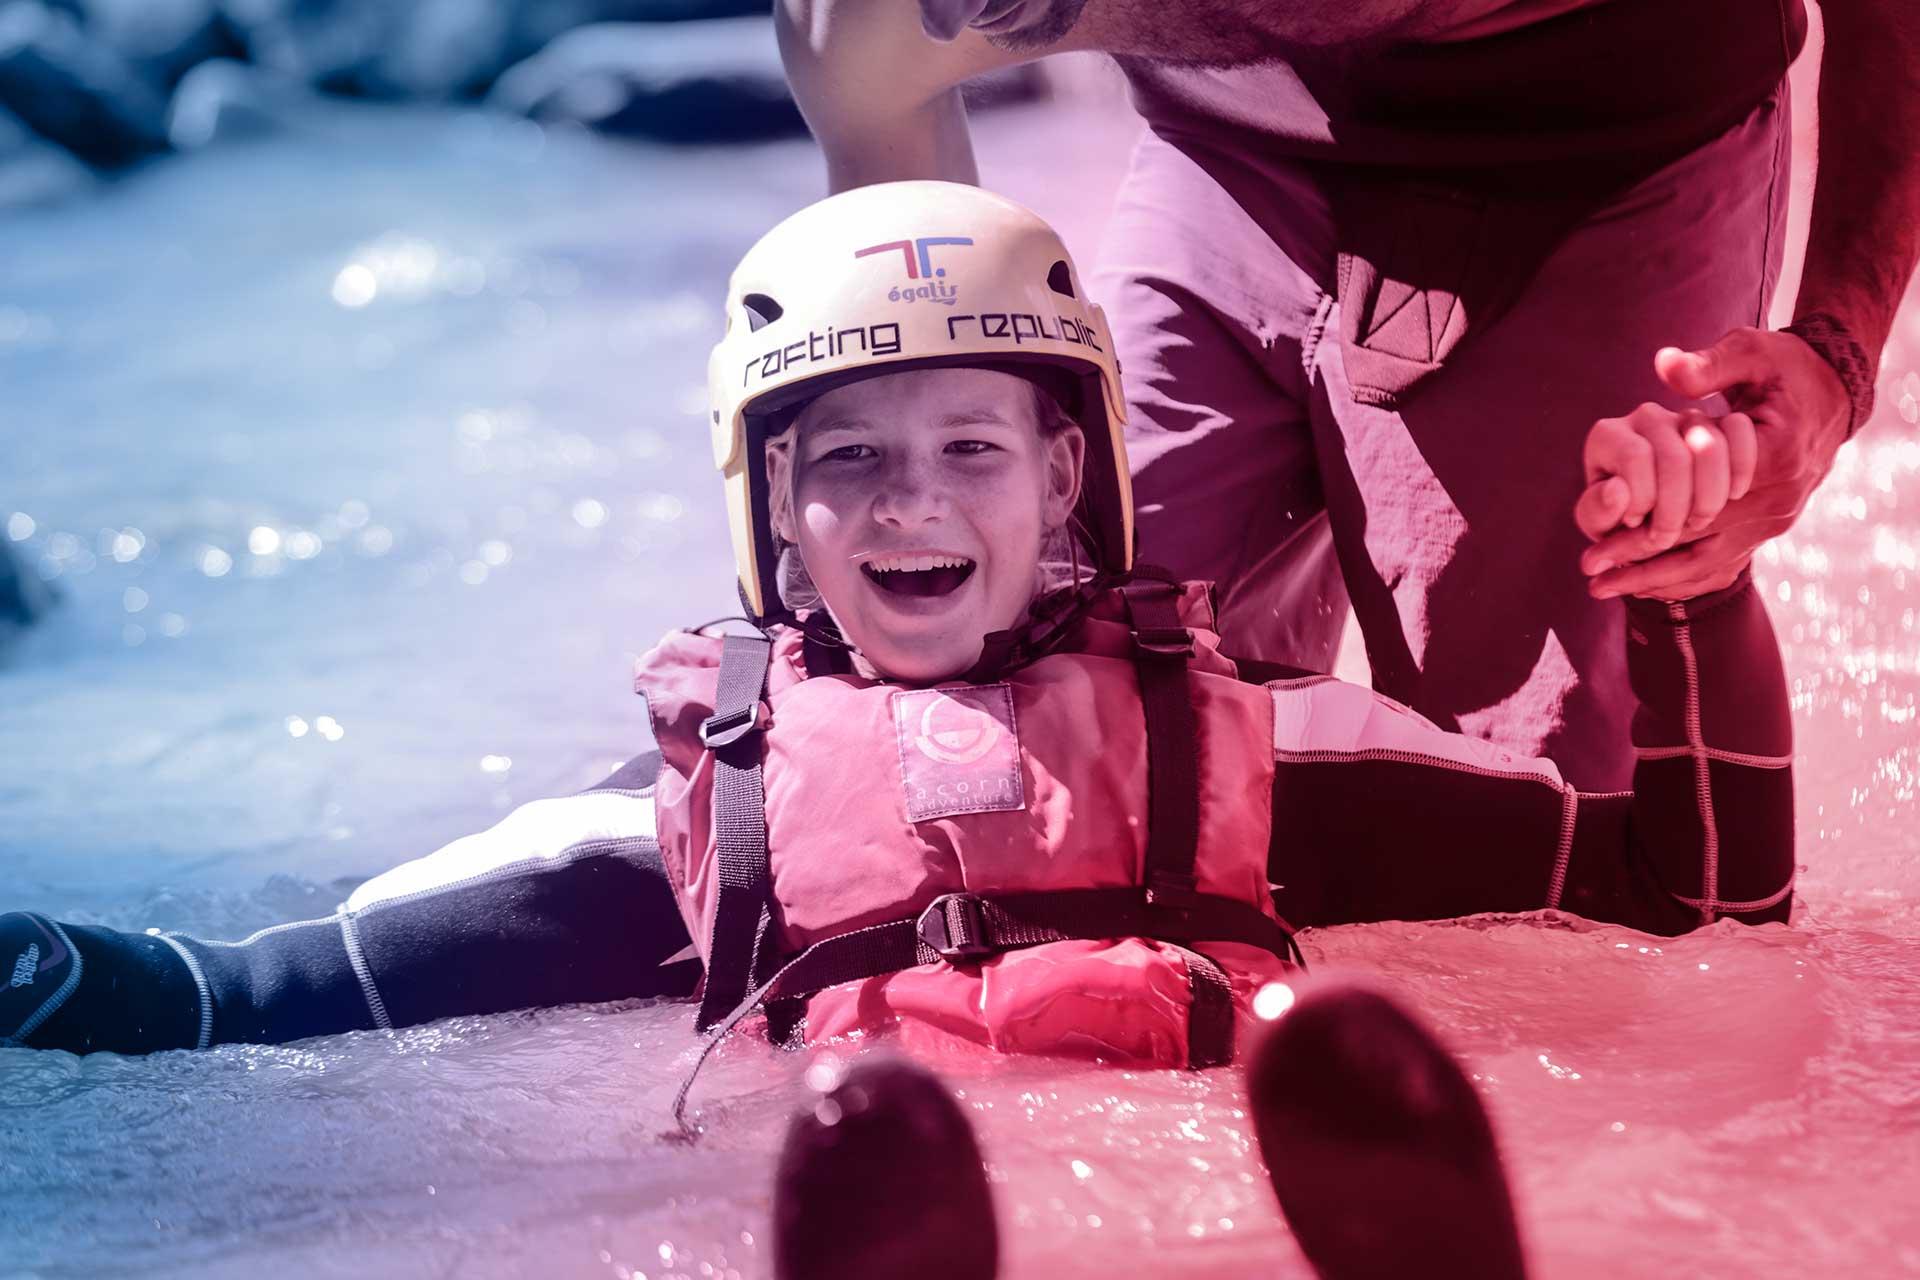 foto di un bambino sorridente vestito da rafting immerso nel fiume